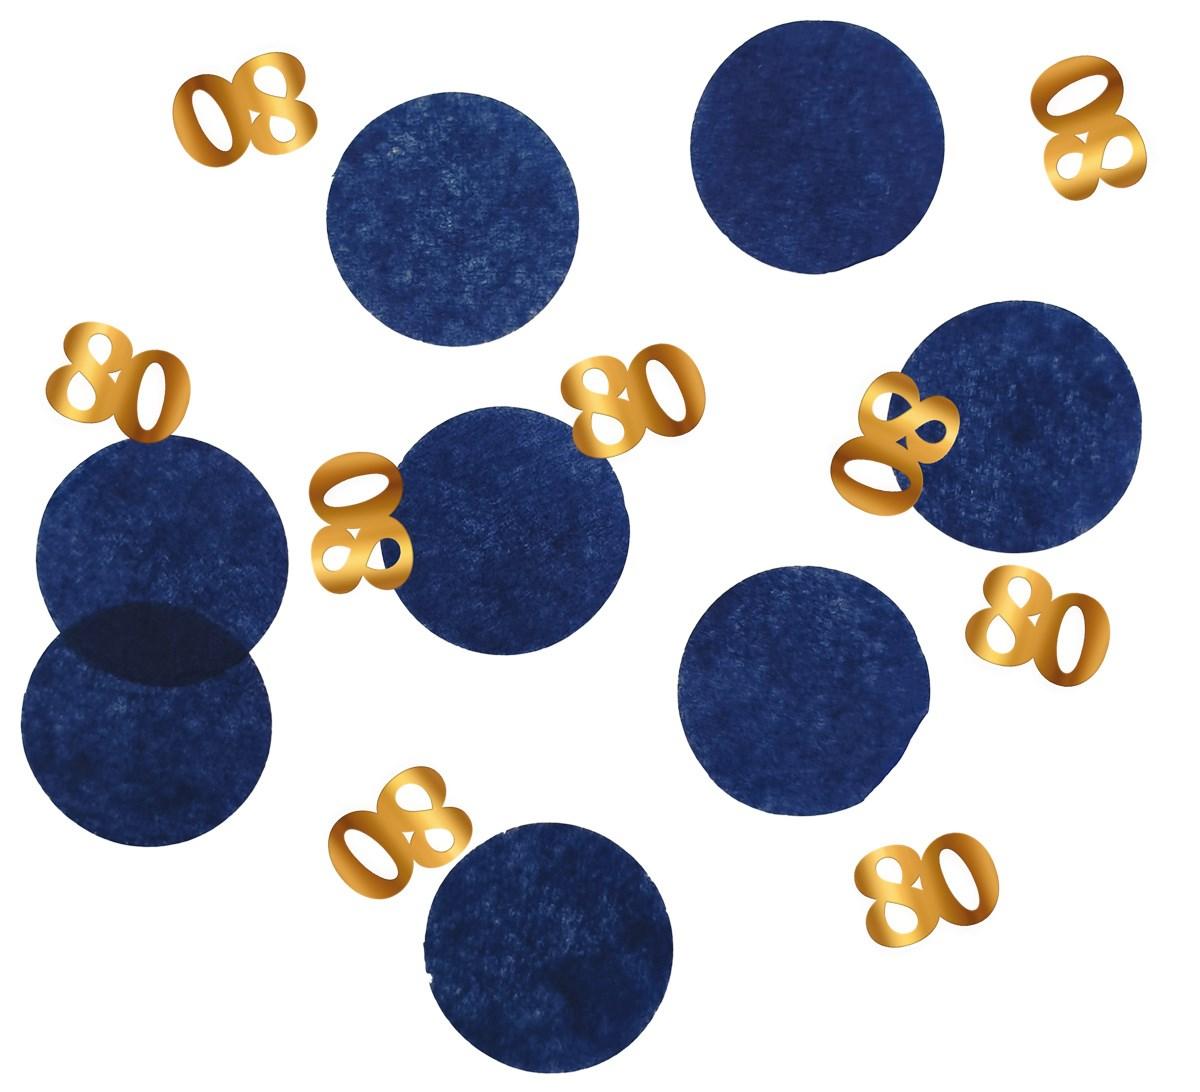 Tabledeco/confetti 80 Year Elegant True Blue 25gr 1